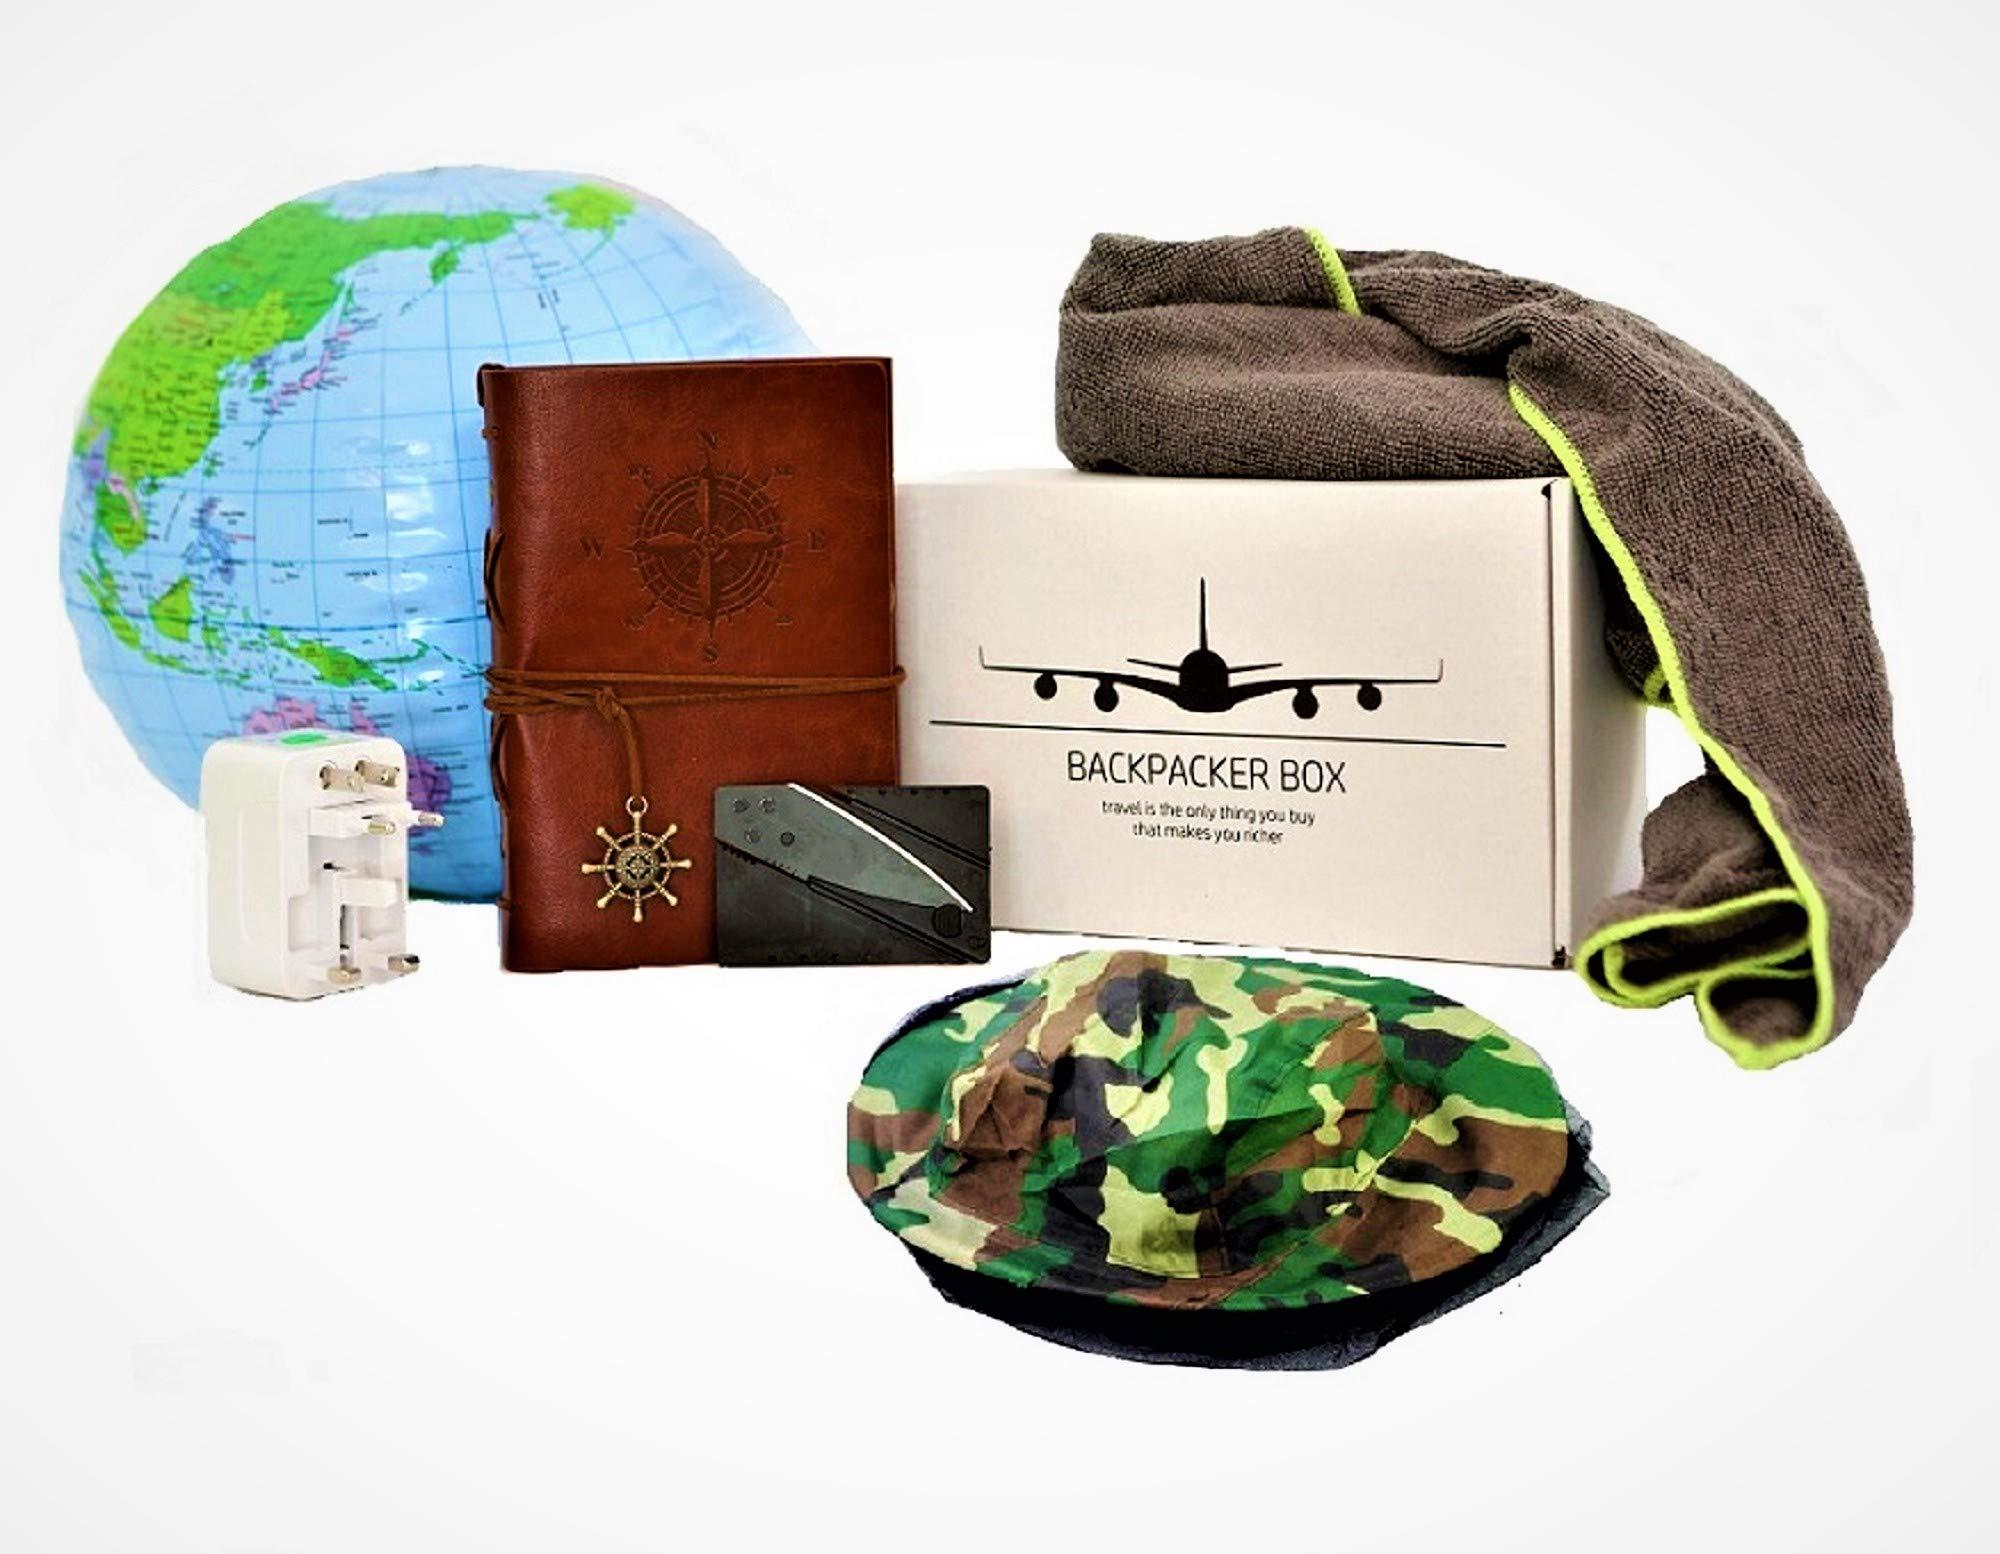 Backpacker Box - Reisetagebuch, Mikrofaser-Handtuch, Steckdosenadapter + Travel-Gadgets in moderner Geschenkbox + 90 x…